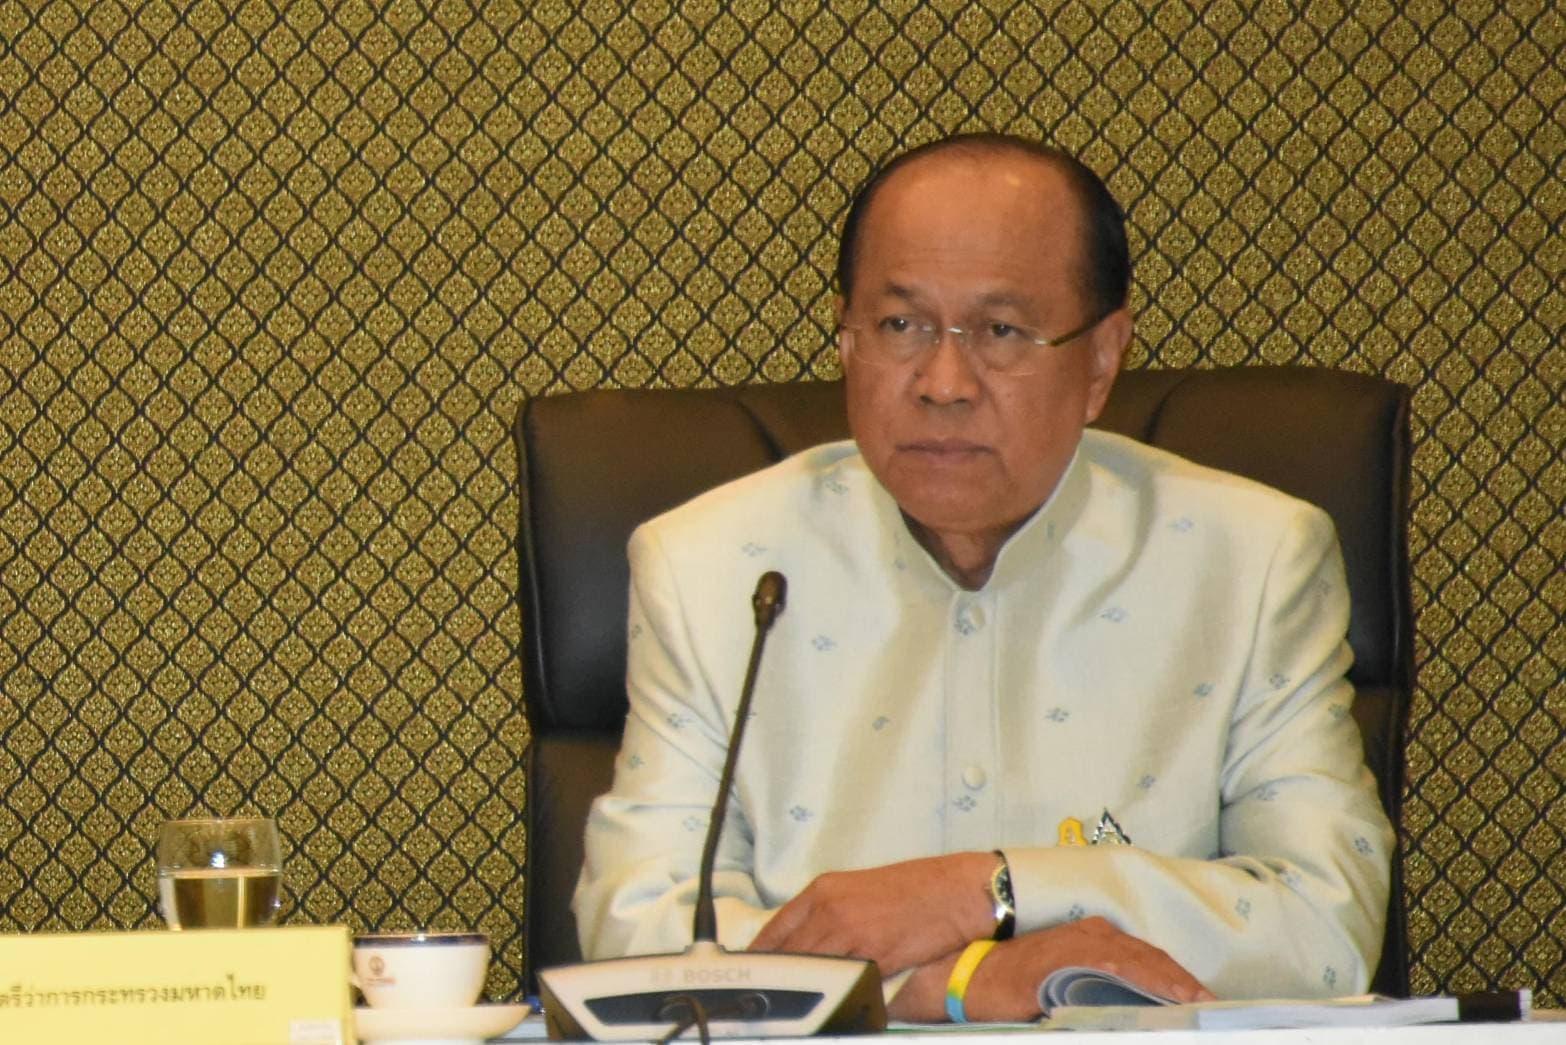 พลเอก อนุพงษ์ เผ่าจินดา รัฐมนตรีว่าการกระทรวงมหาดไทย